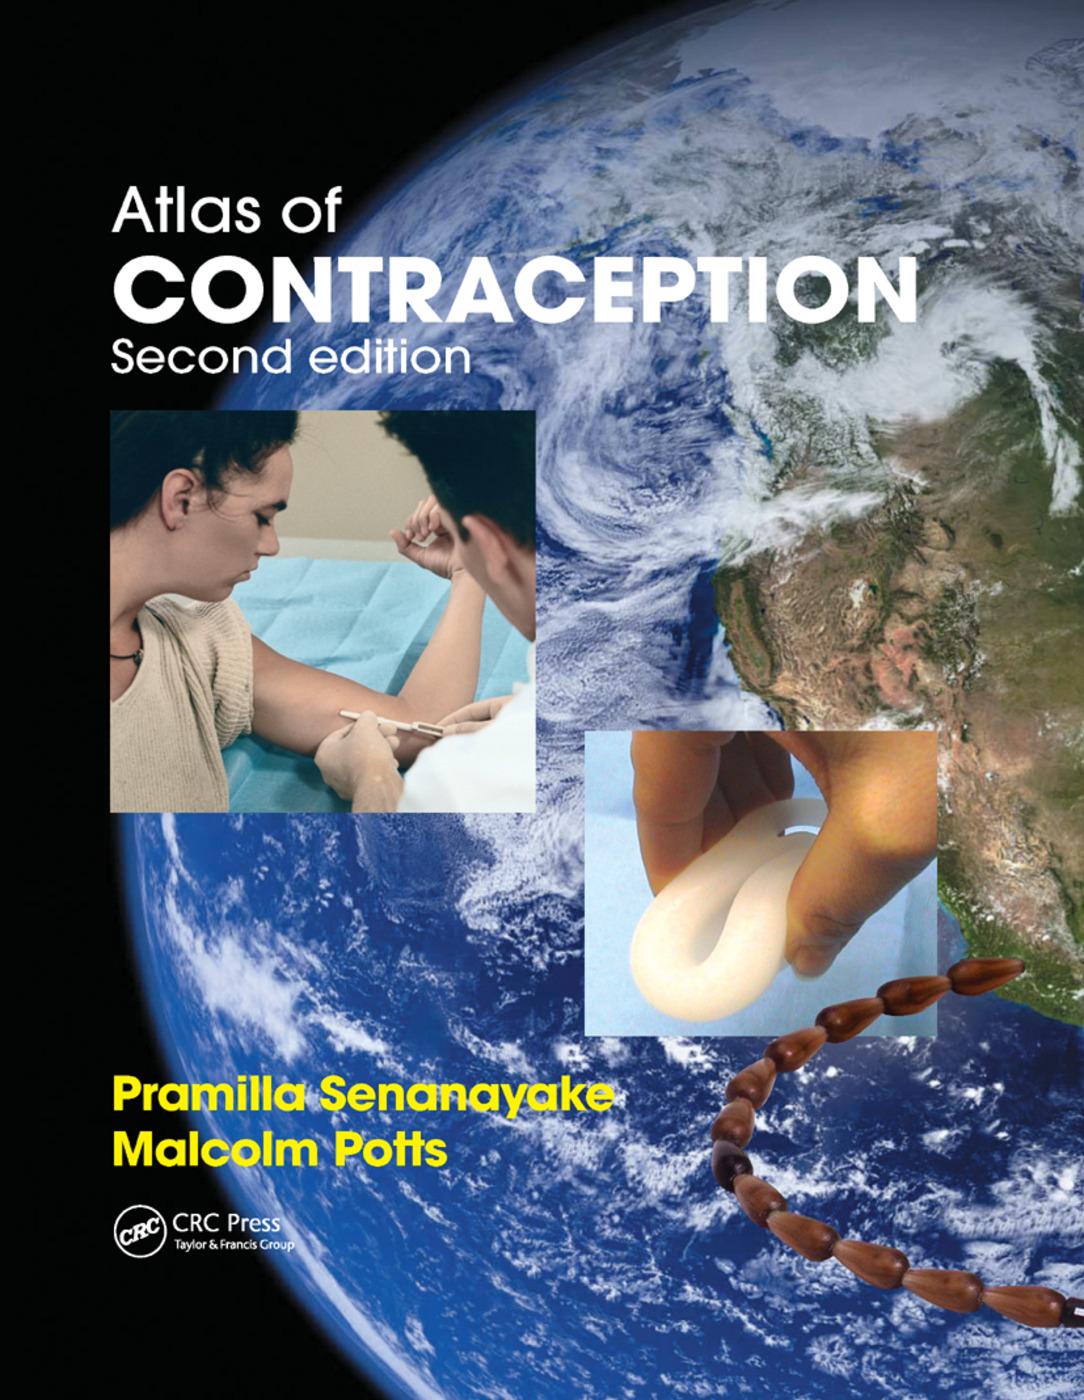 Atlas of Contraception